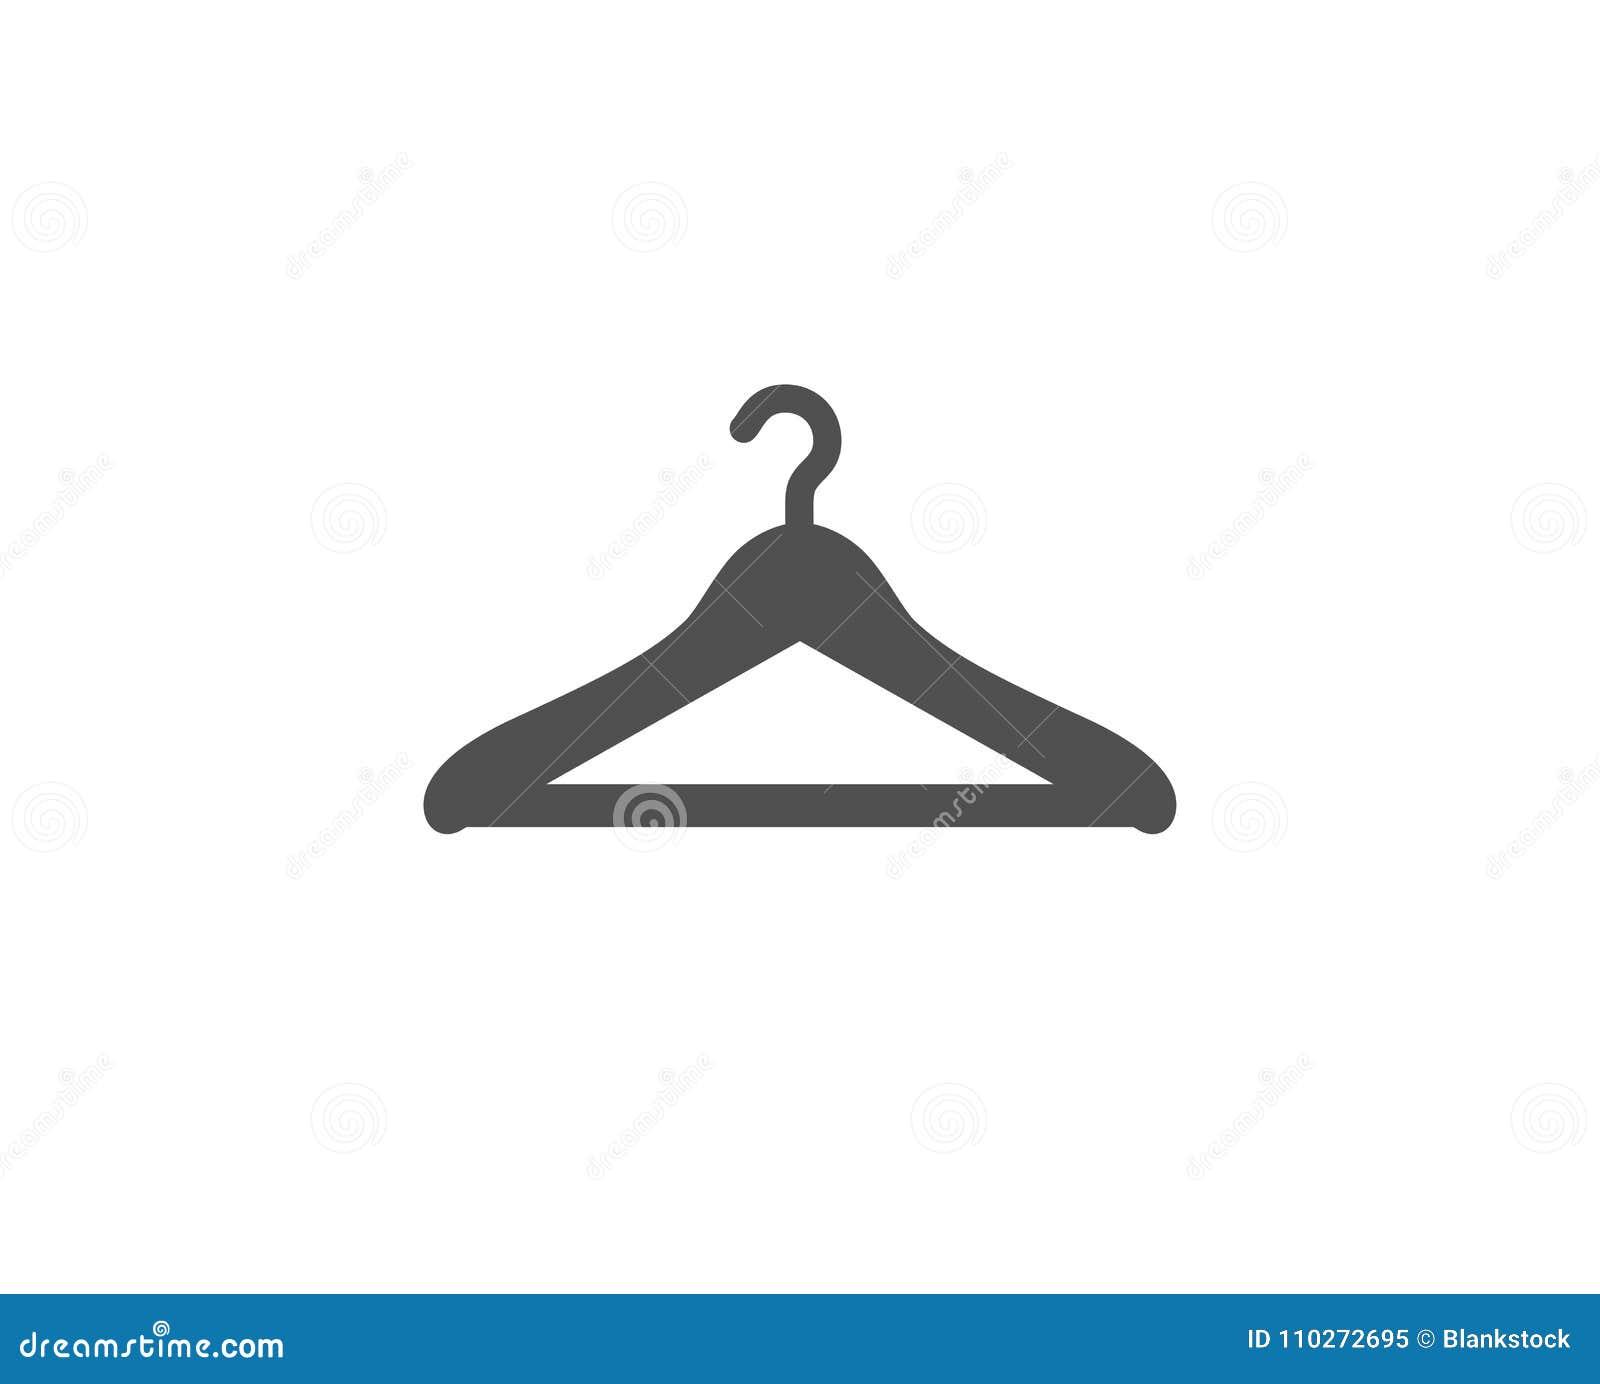 Icône simple de vestiaire Signe de garde-robe de cintre